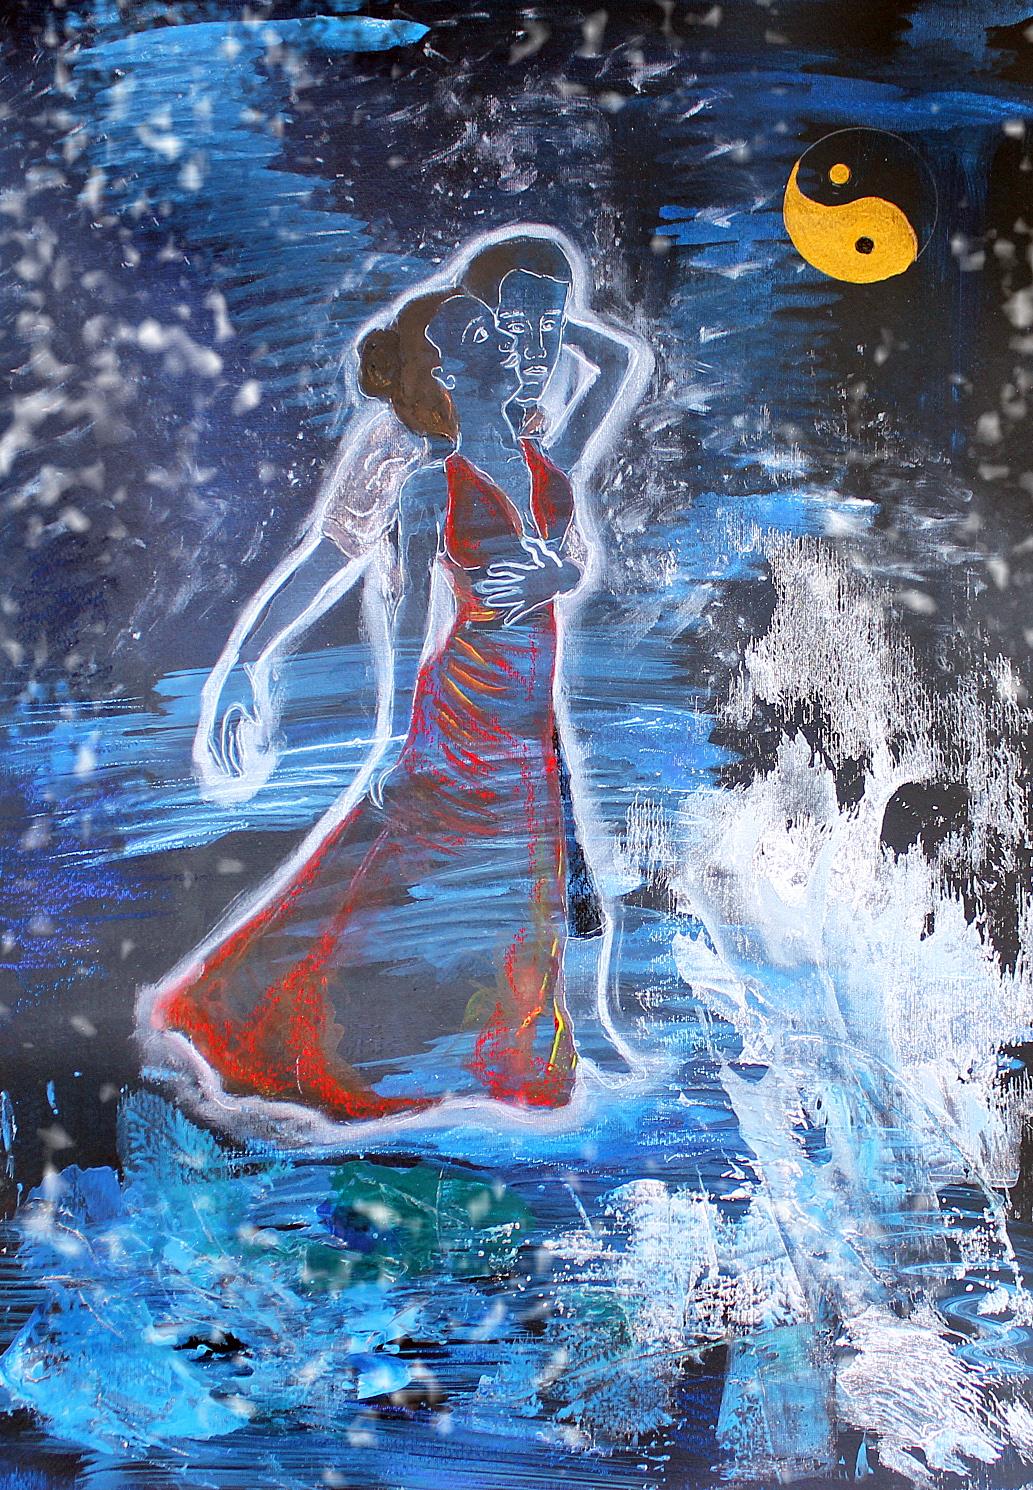 Tanz der Urahnen, Acryl auf Acrylkarton, 70 x 50 cm